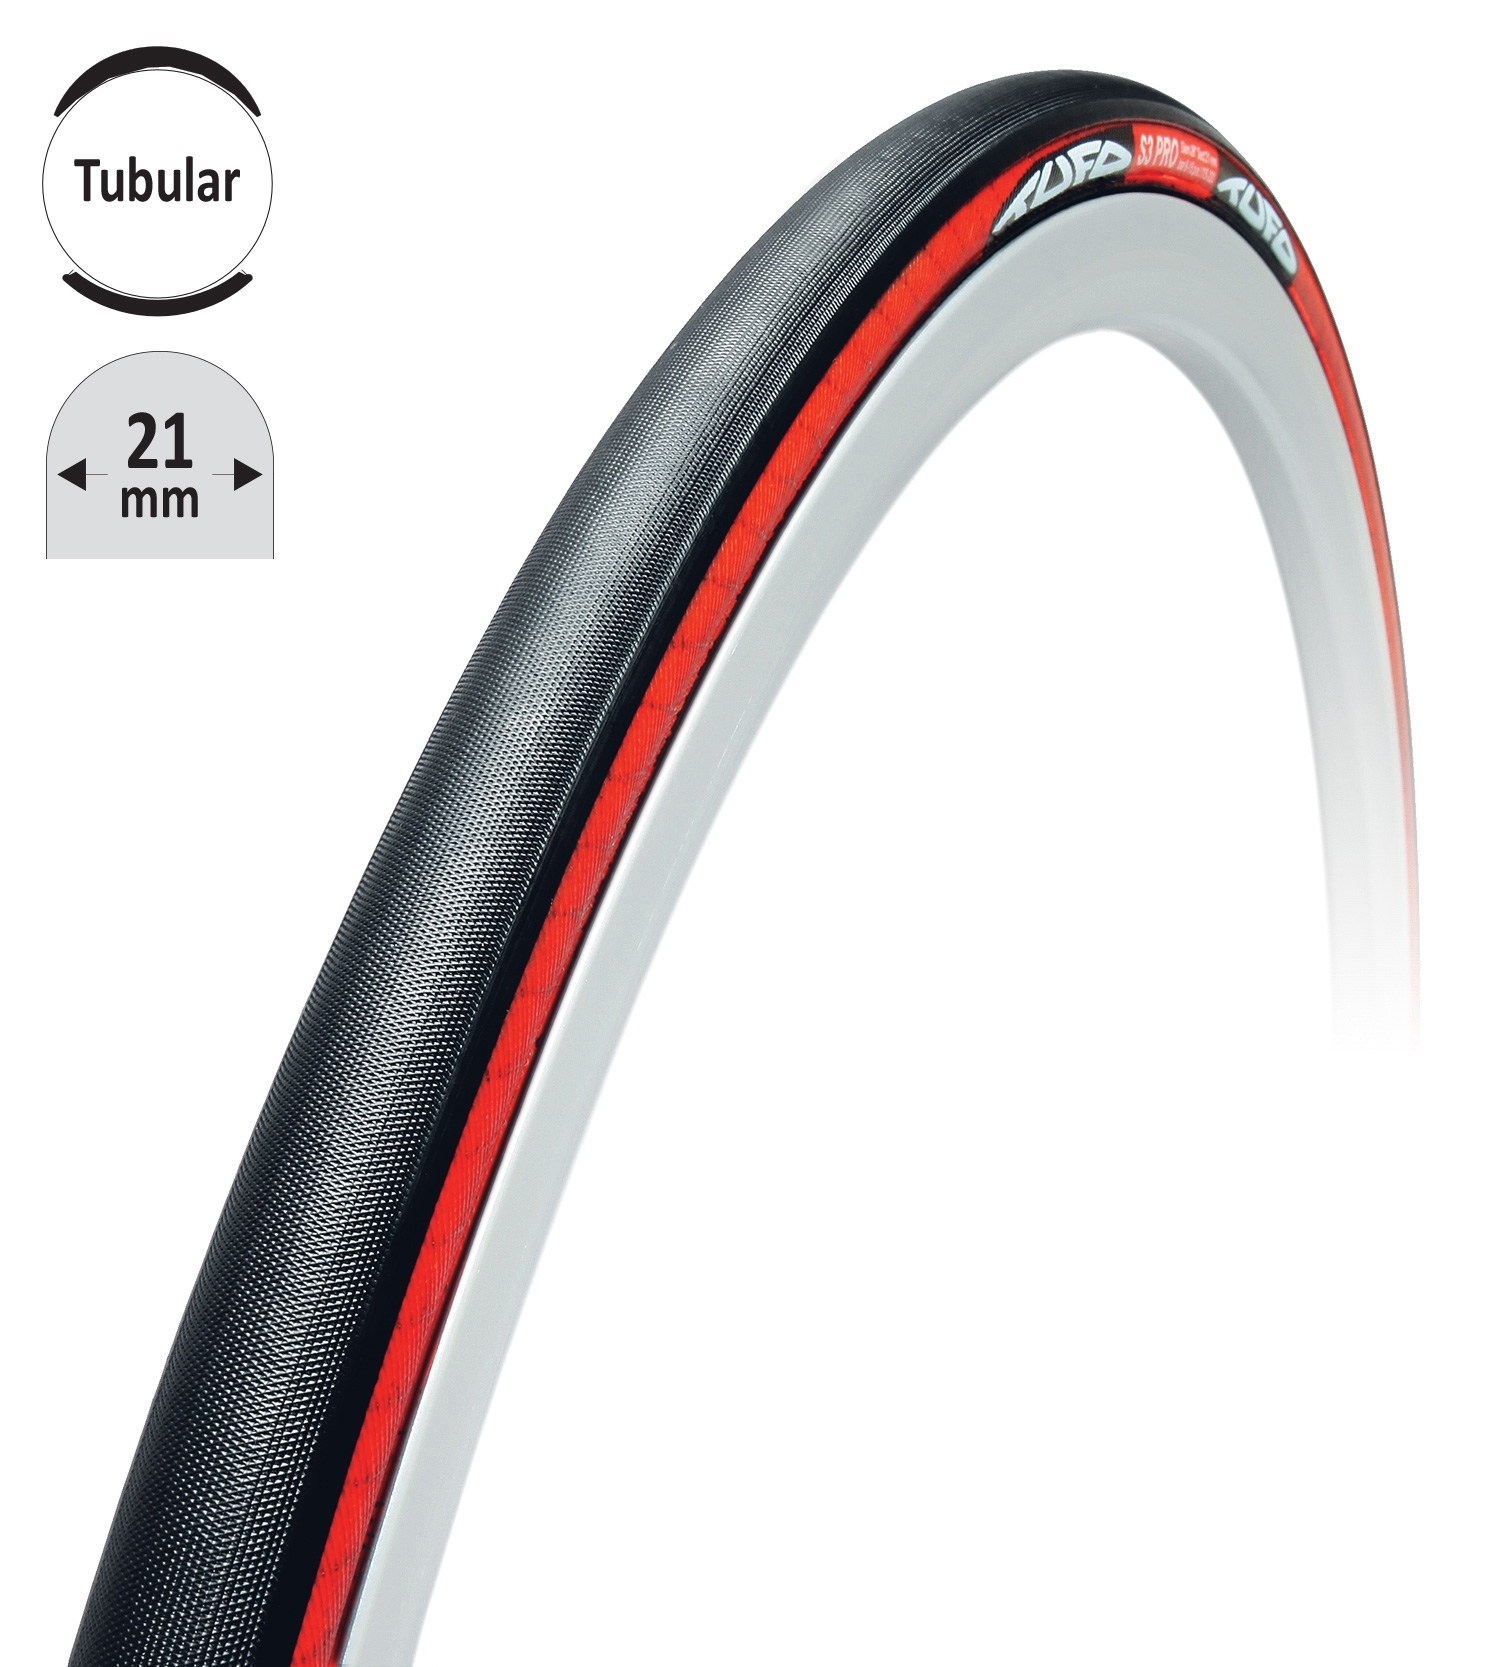 """galuska TUFO S3PRO kulatá černo-červená 28""""/21mm"""